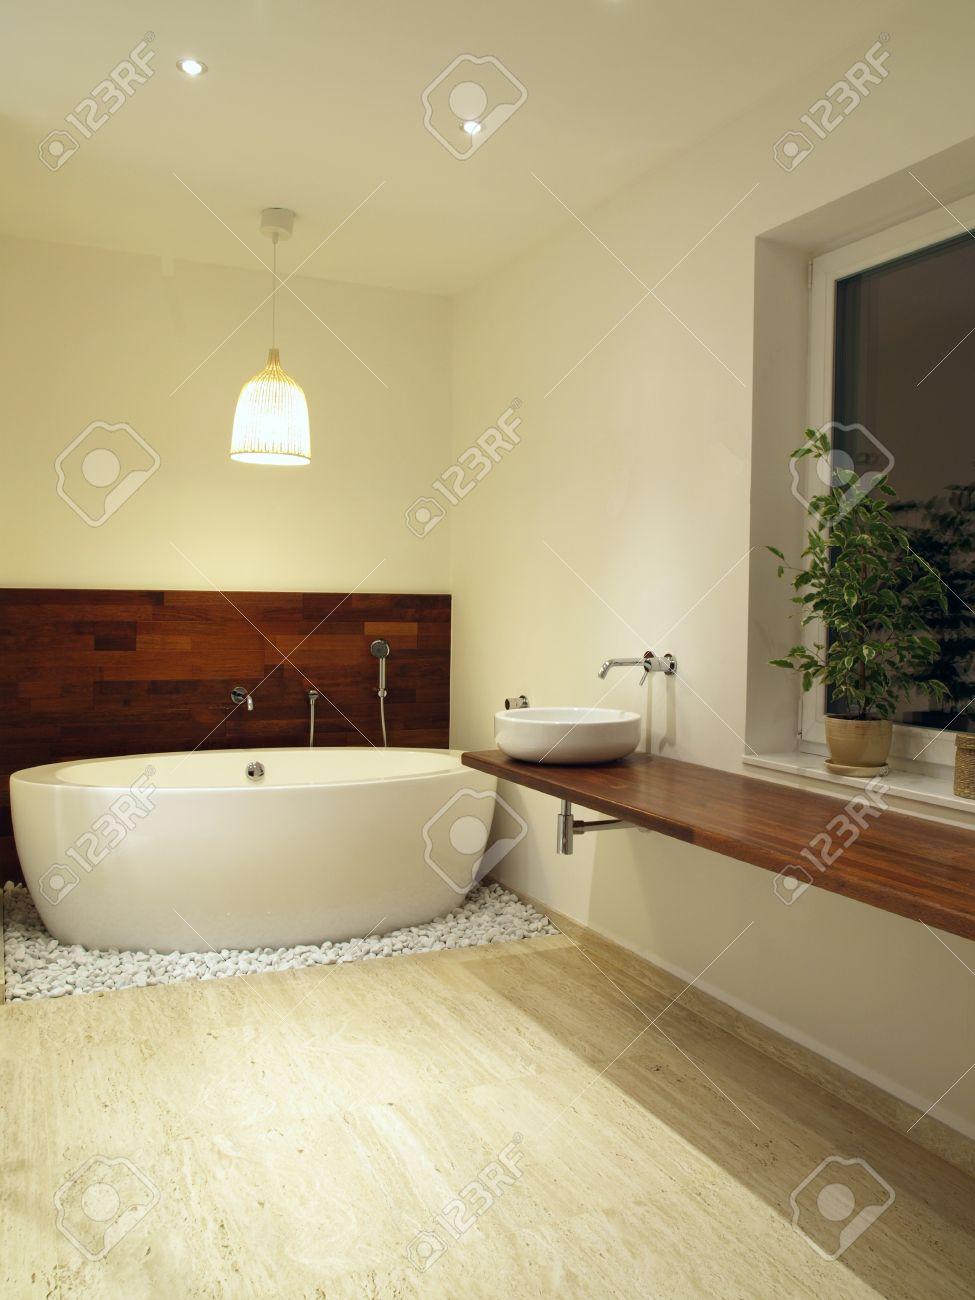 Moderno Cuarto De Baño Con Azulejos De Mármol Travertino Fotos ...